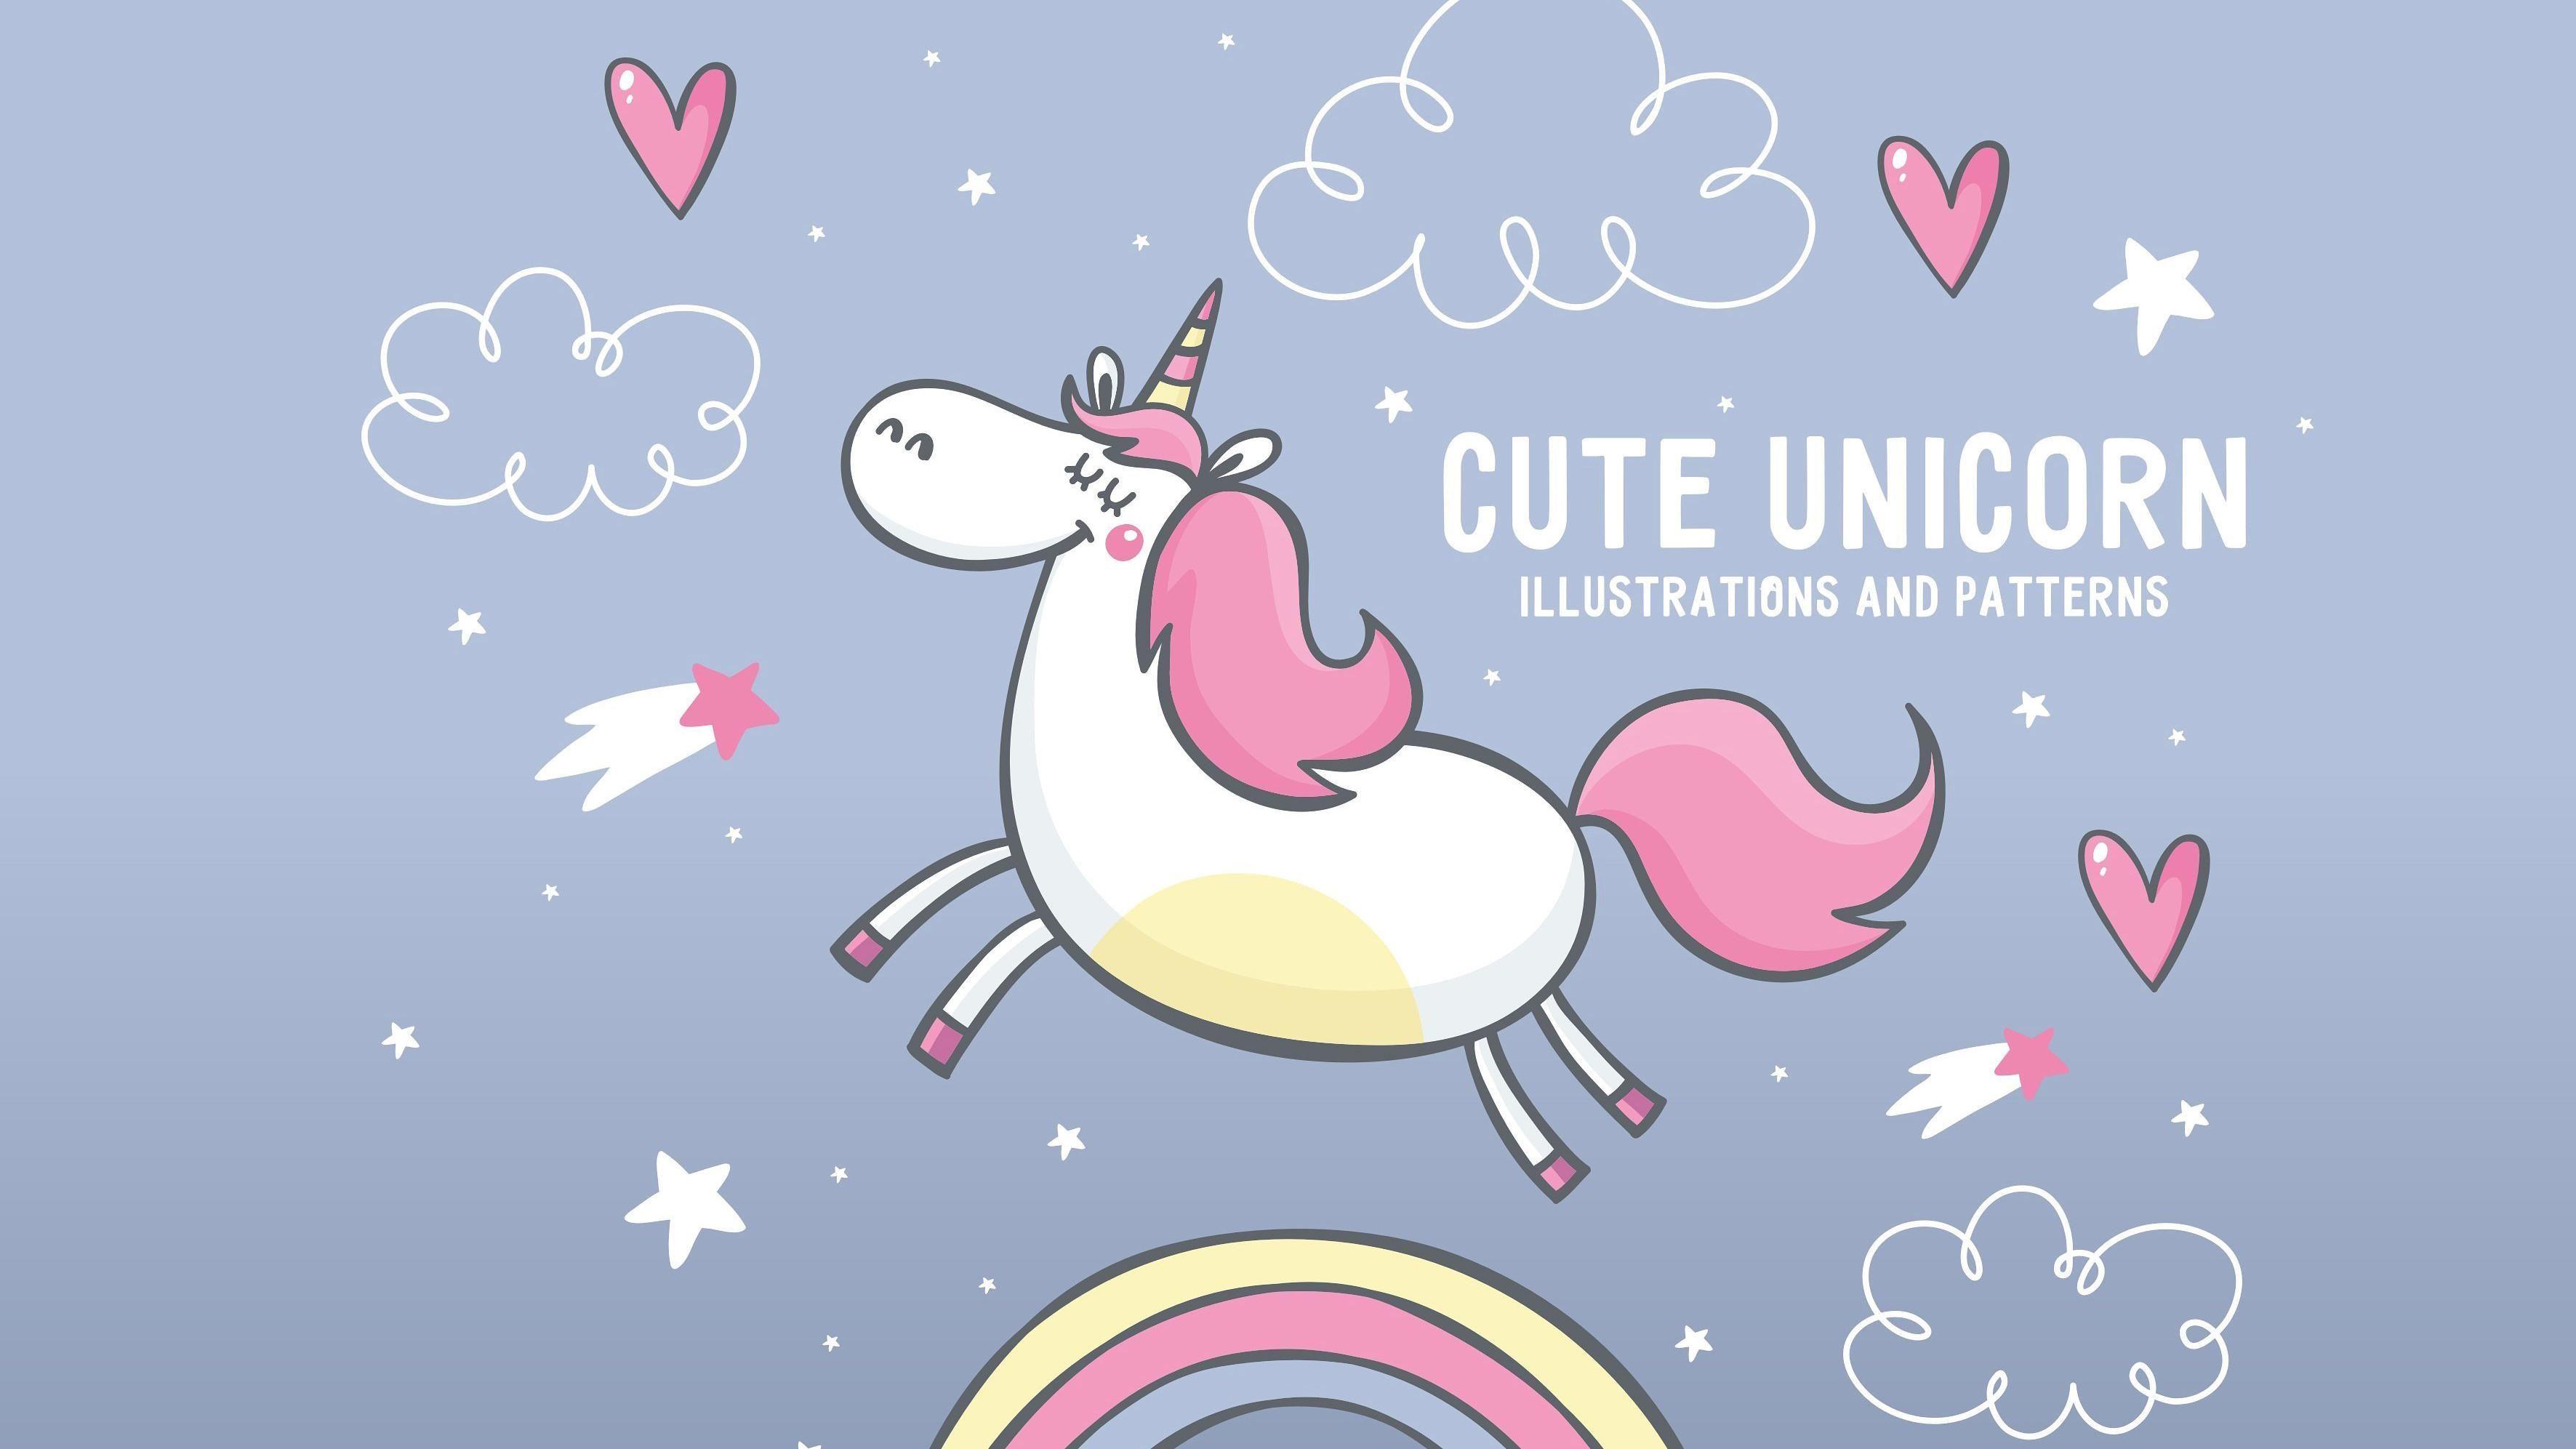 3543x1993 Unicorn Wallpaper Hd Group 68 Unicorn Illustration Unicorn Wallpaper Animated Unicorn